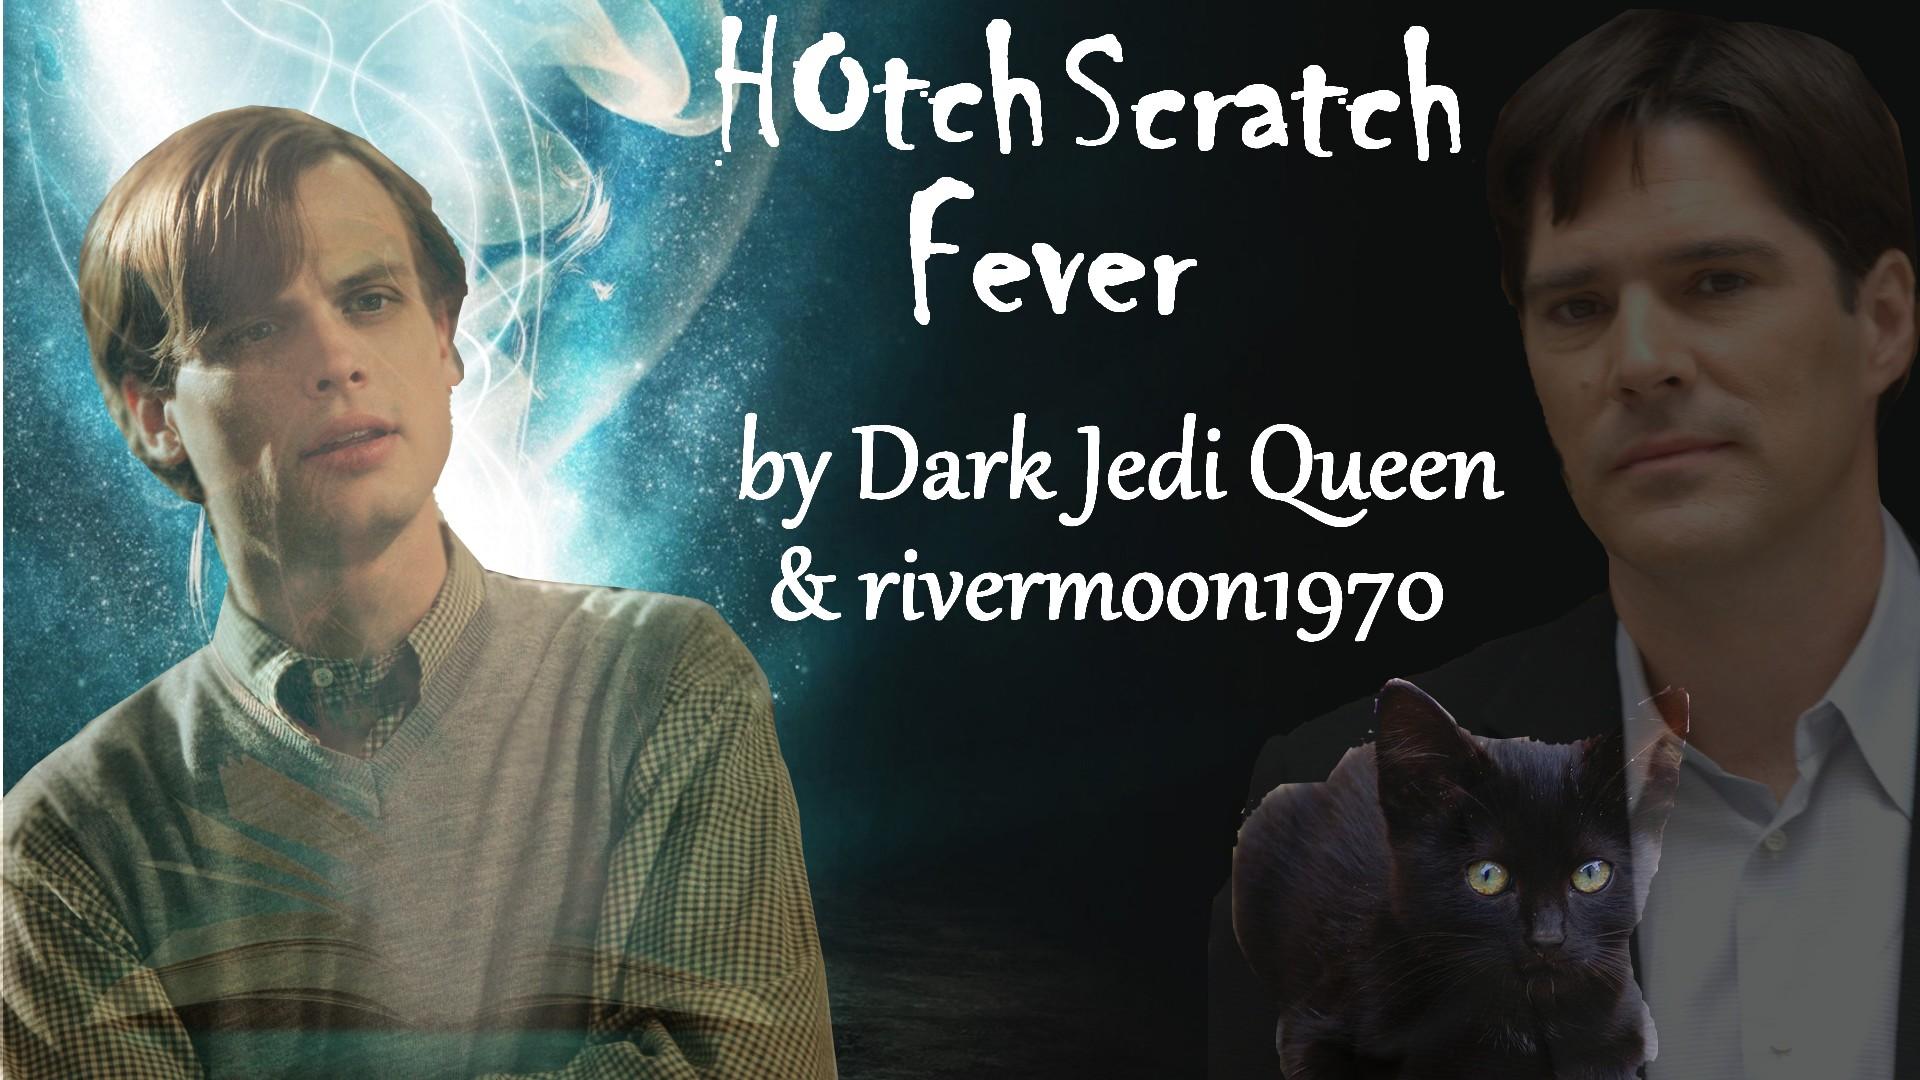 https://rivermoon1970.files.wordpress.com/2016/03/hotch-scratch-fever-2.jpg